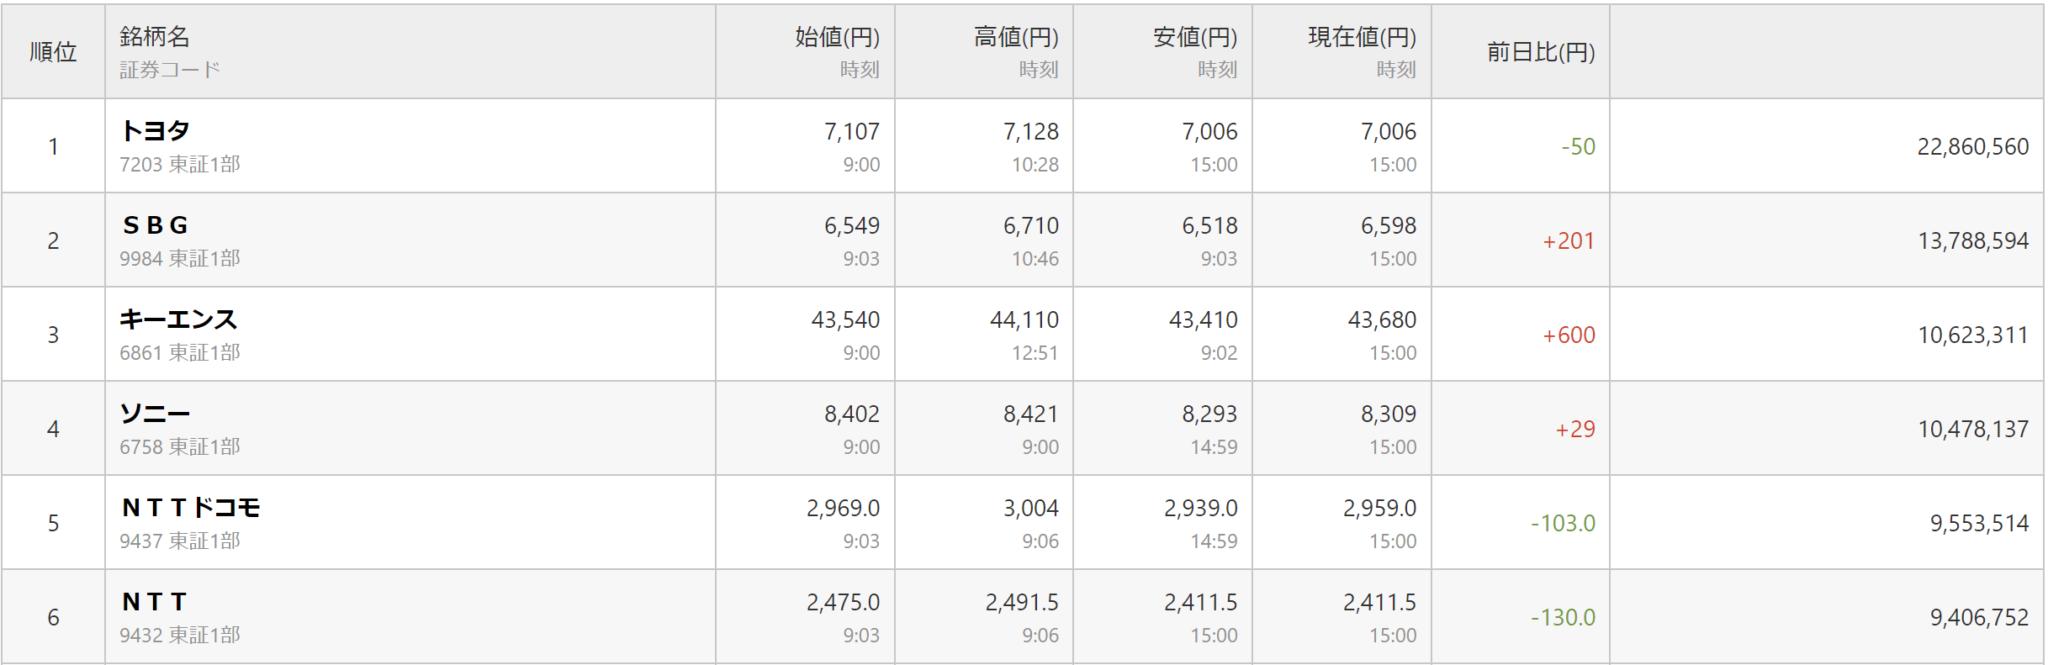 日本企業株式時価相場ランキング